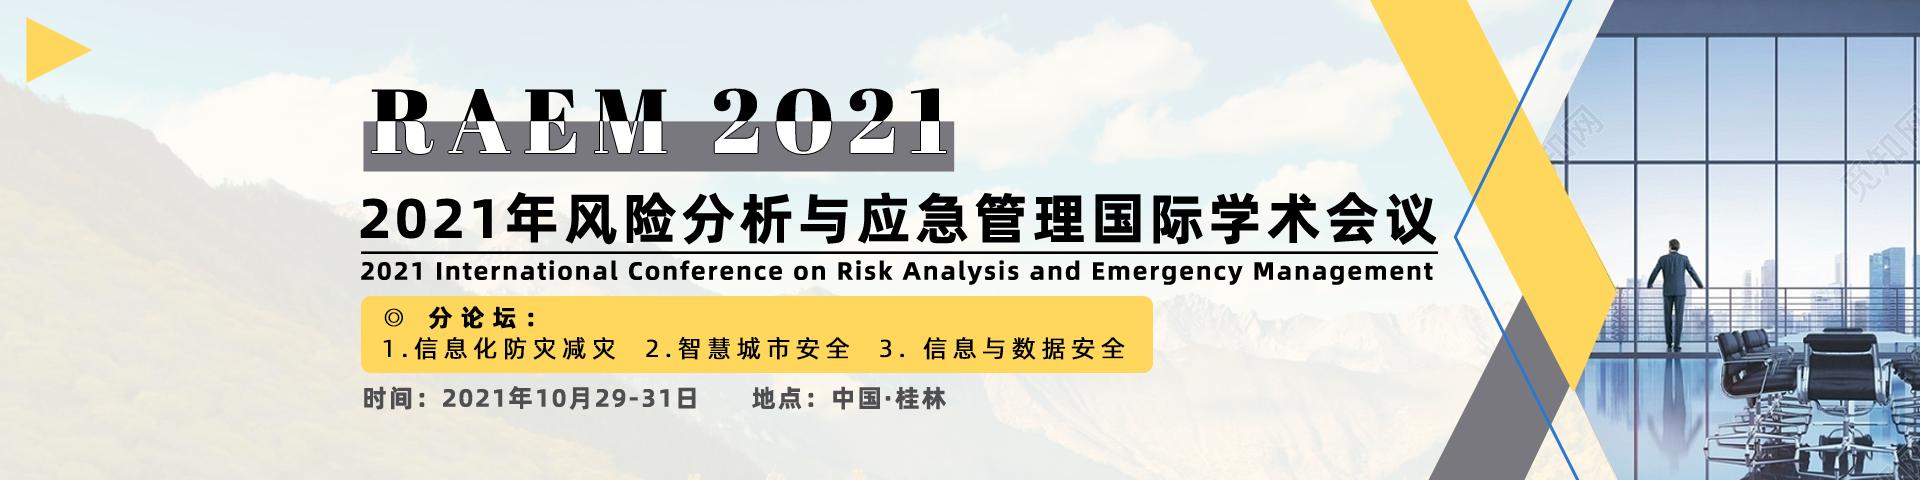 10月桂林RAEM 2021-banner中-何霞丽-20210415.png